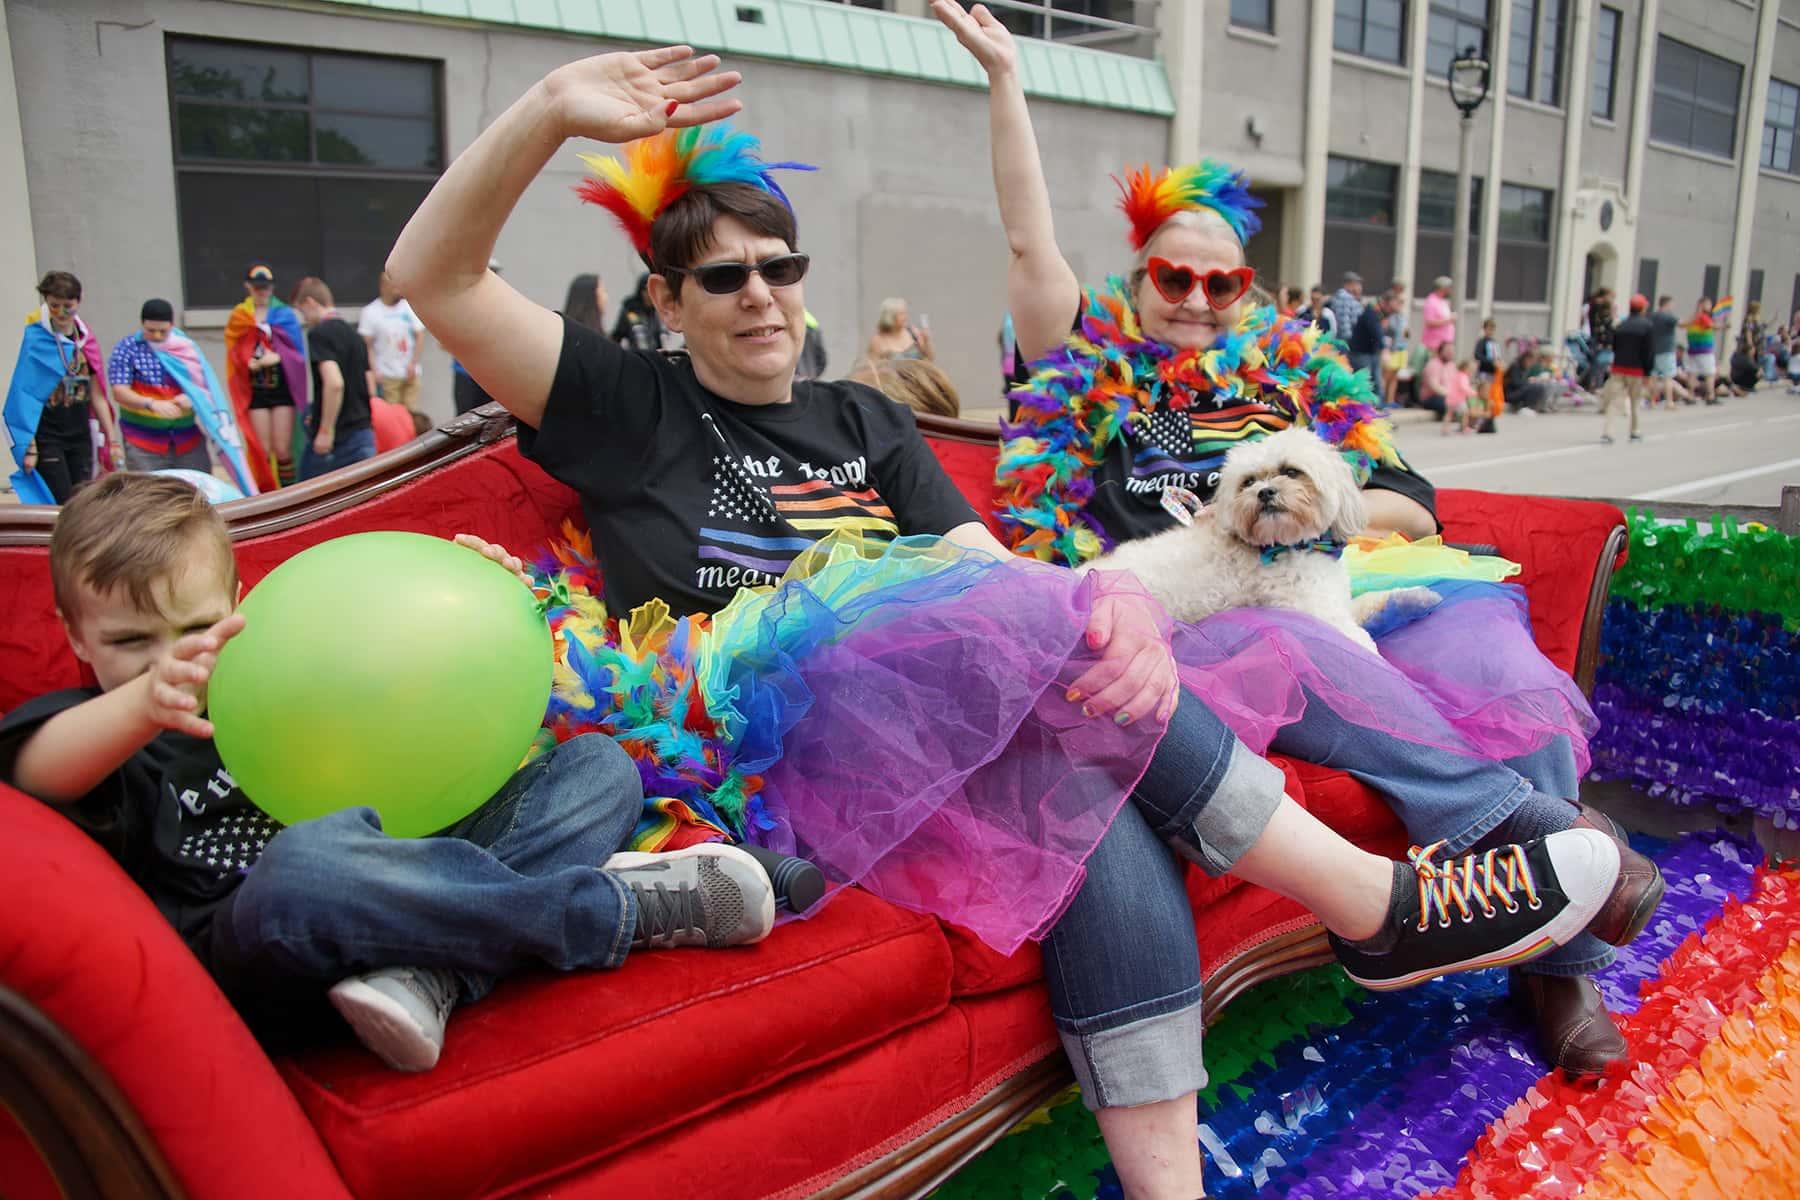 060919_pride2019parade_1122